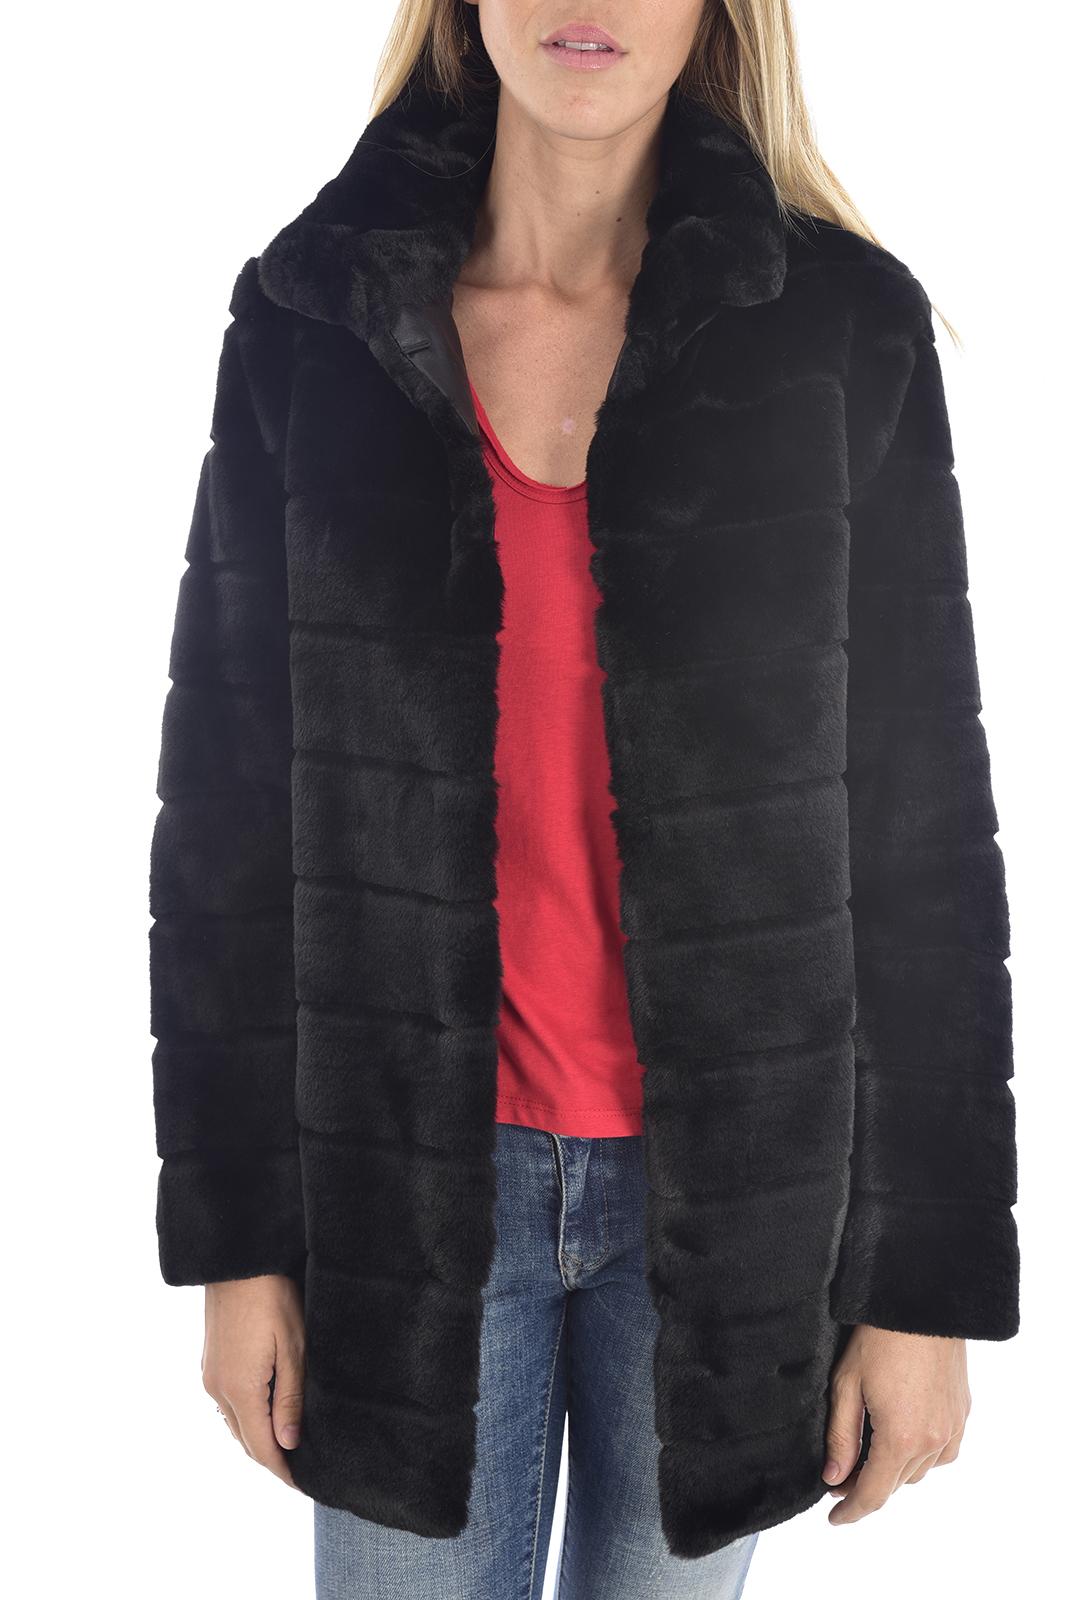 Vestes & blousons  Guess jeans W94L56 WC4J0 Noir de jais